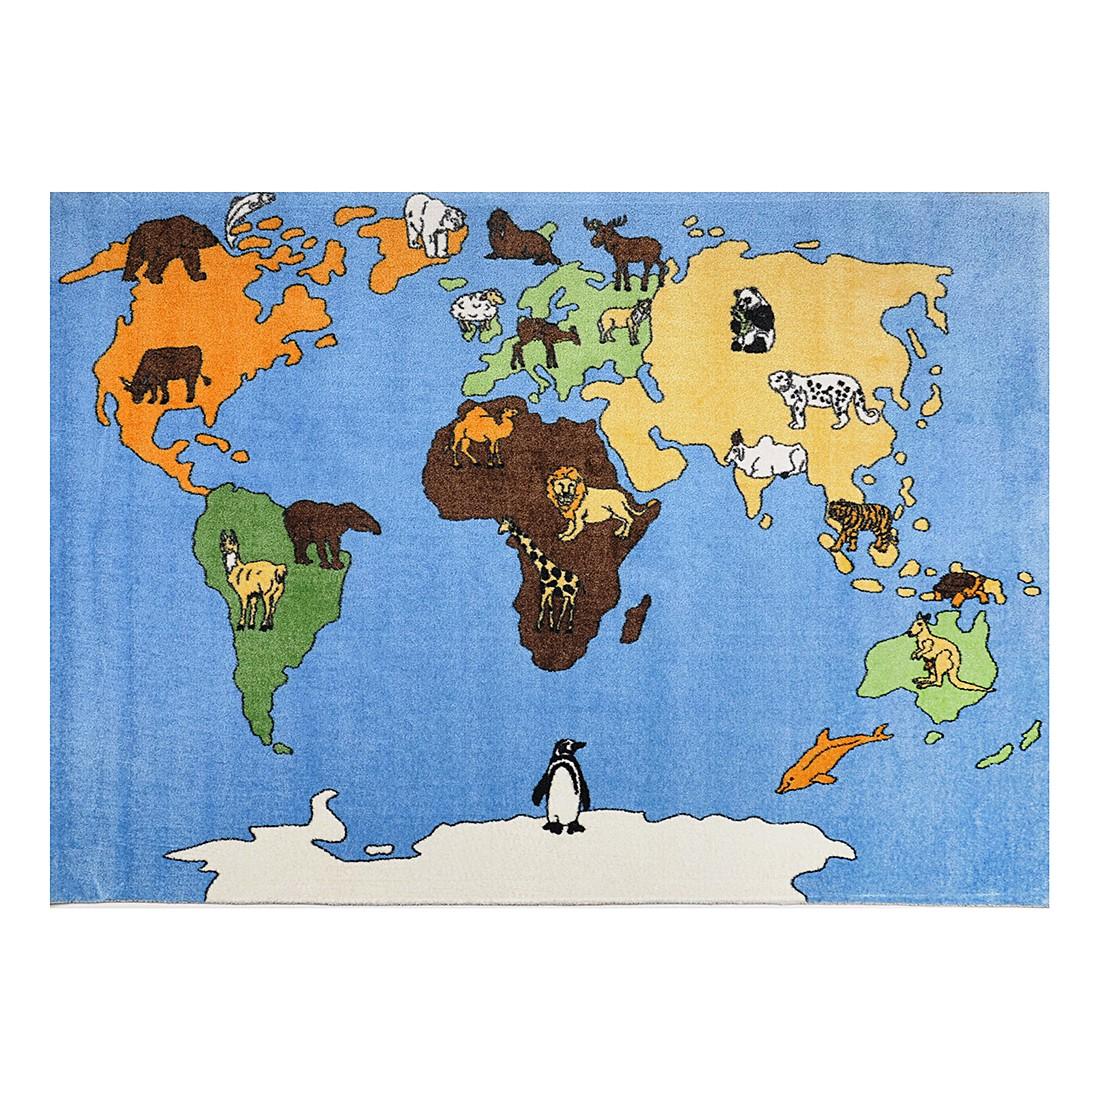 Kinderteppich Mamba – Blau – 170 cm x 240 cm, THEKO die markenteppiche jetzt bestellen